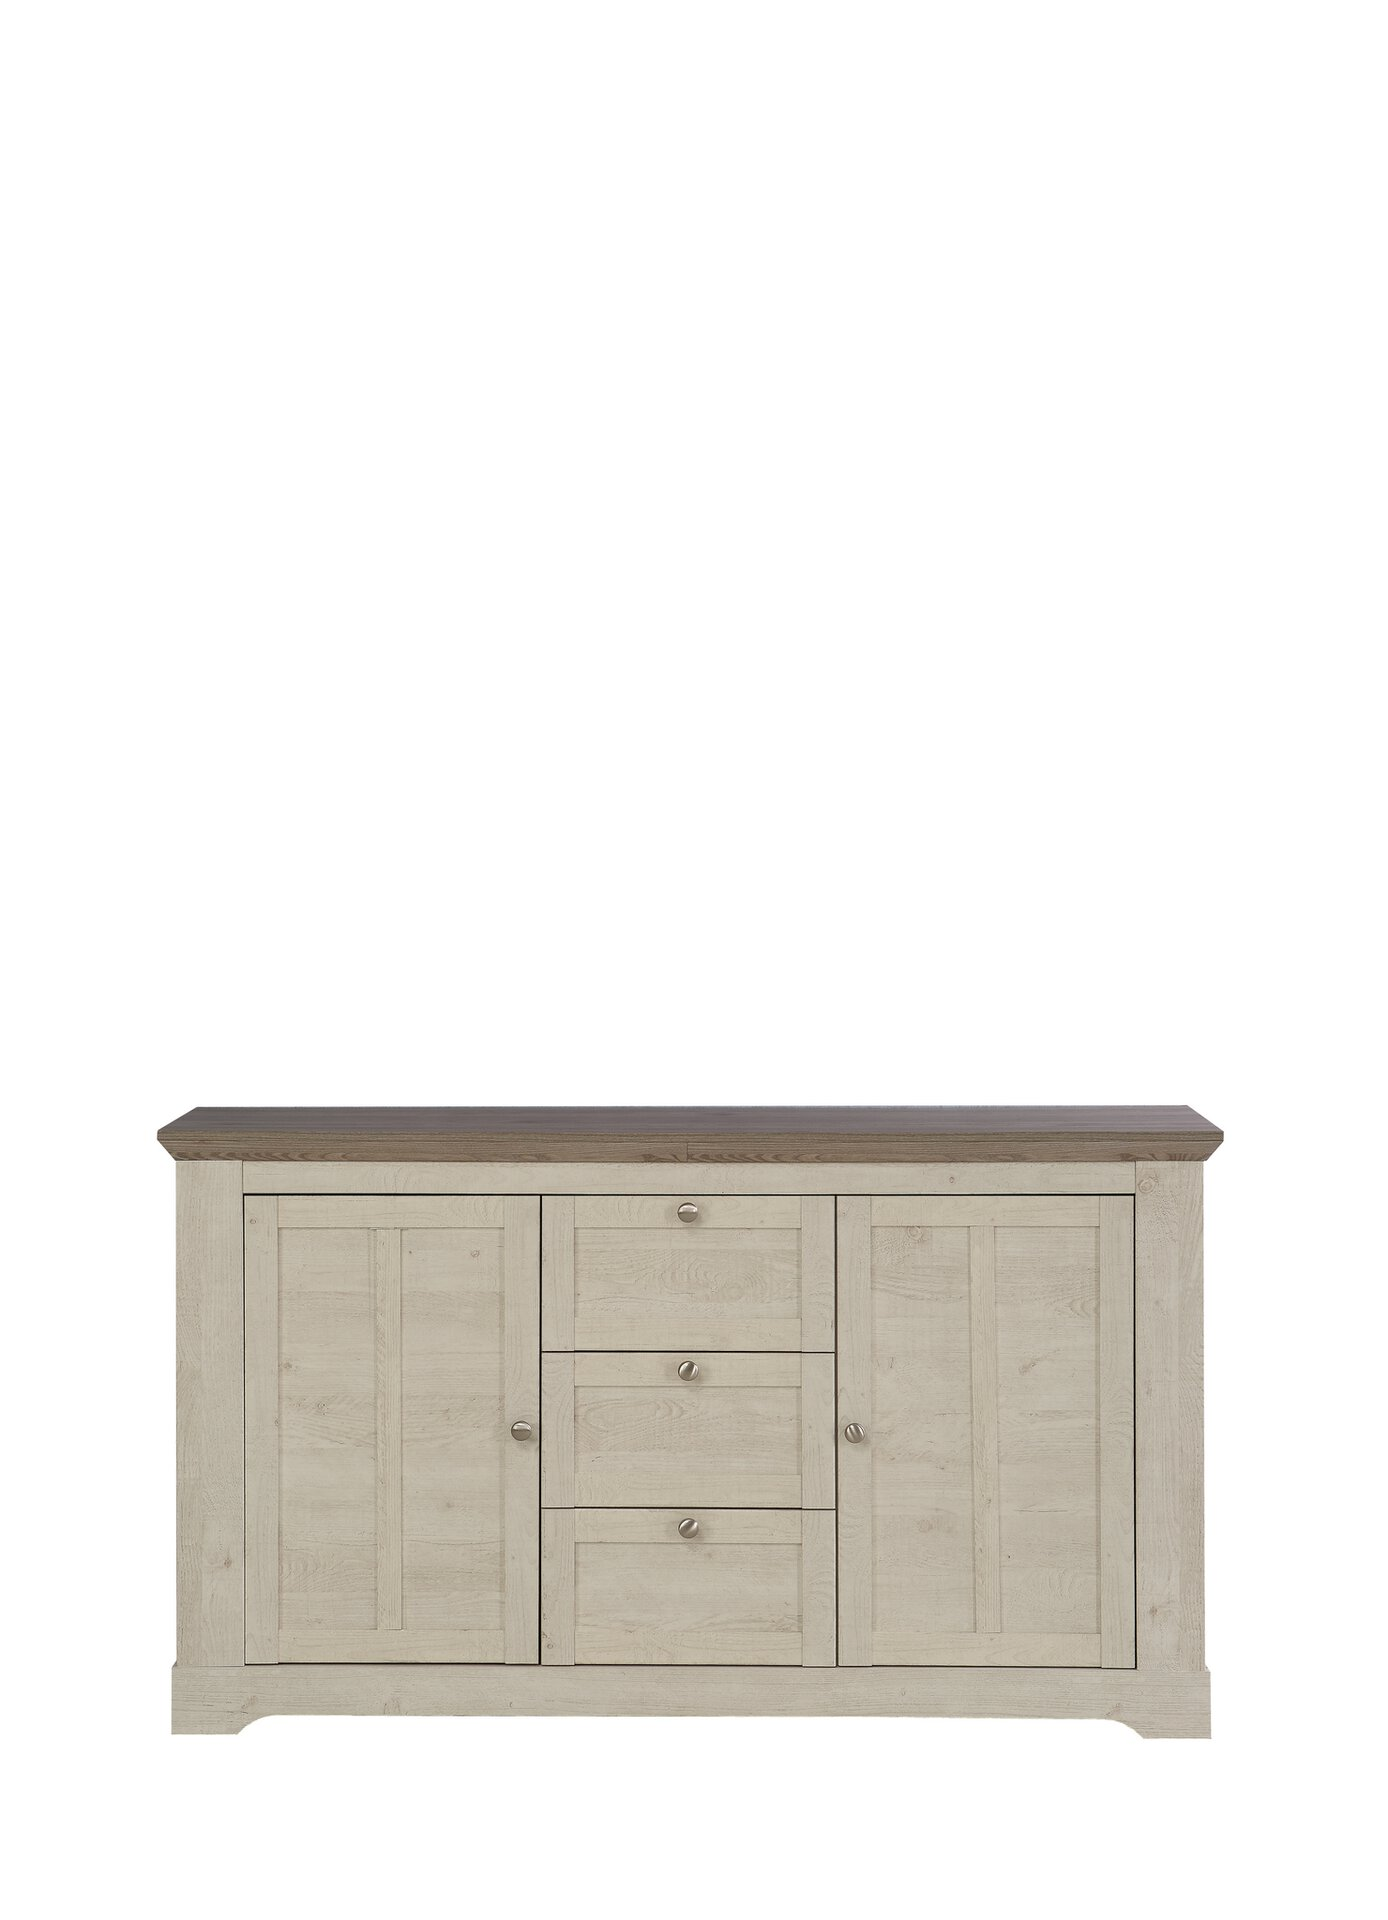 Sideboard ALETTA SELF Holzwerkstoff mehrfarbig 44 x 93 x 160 cm